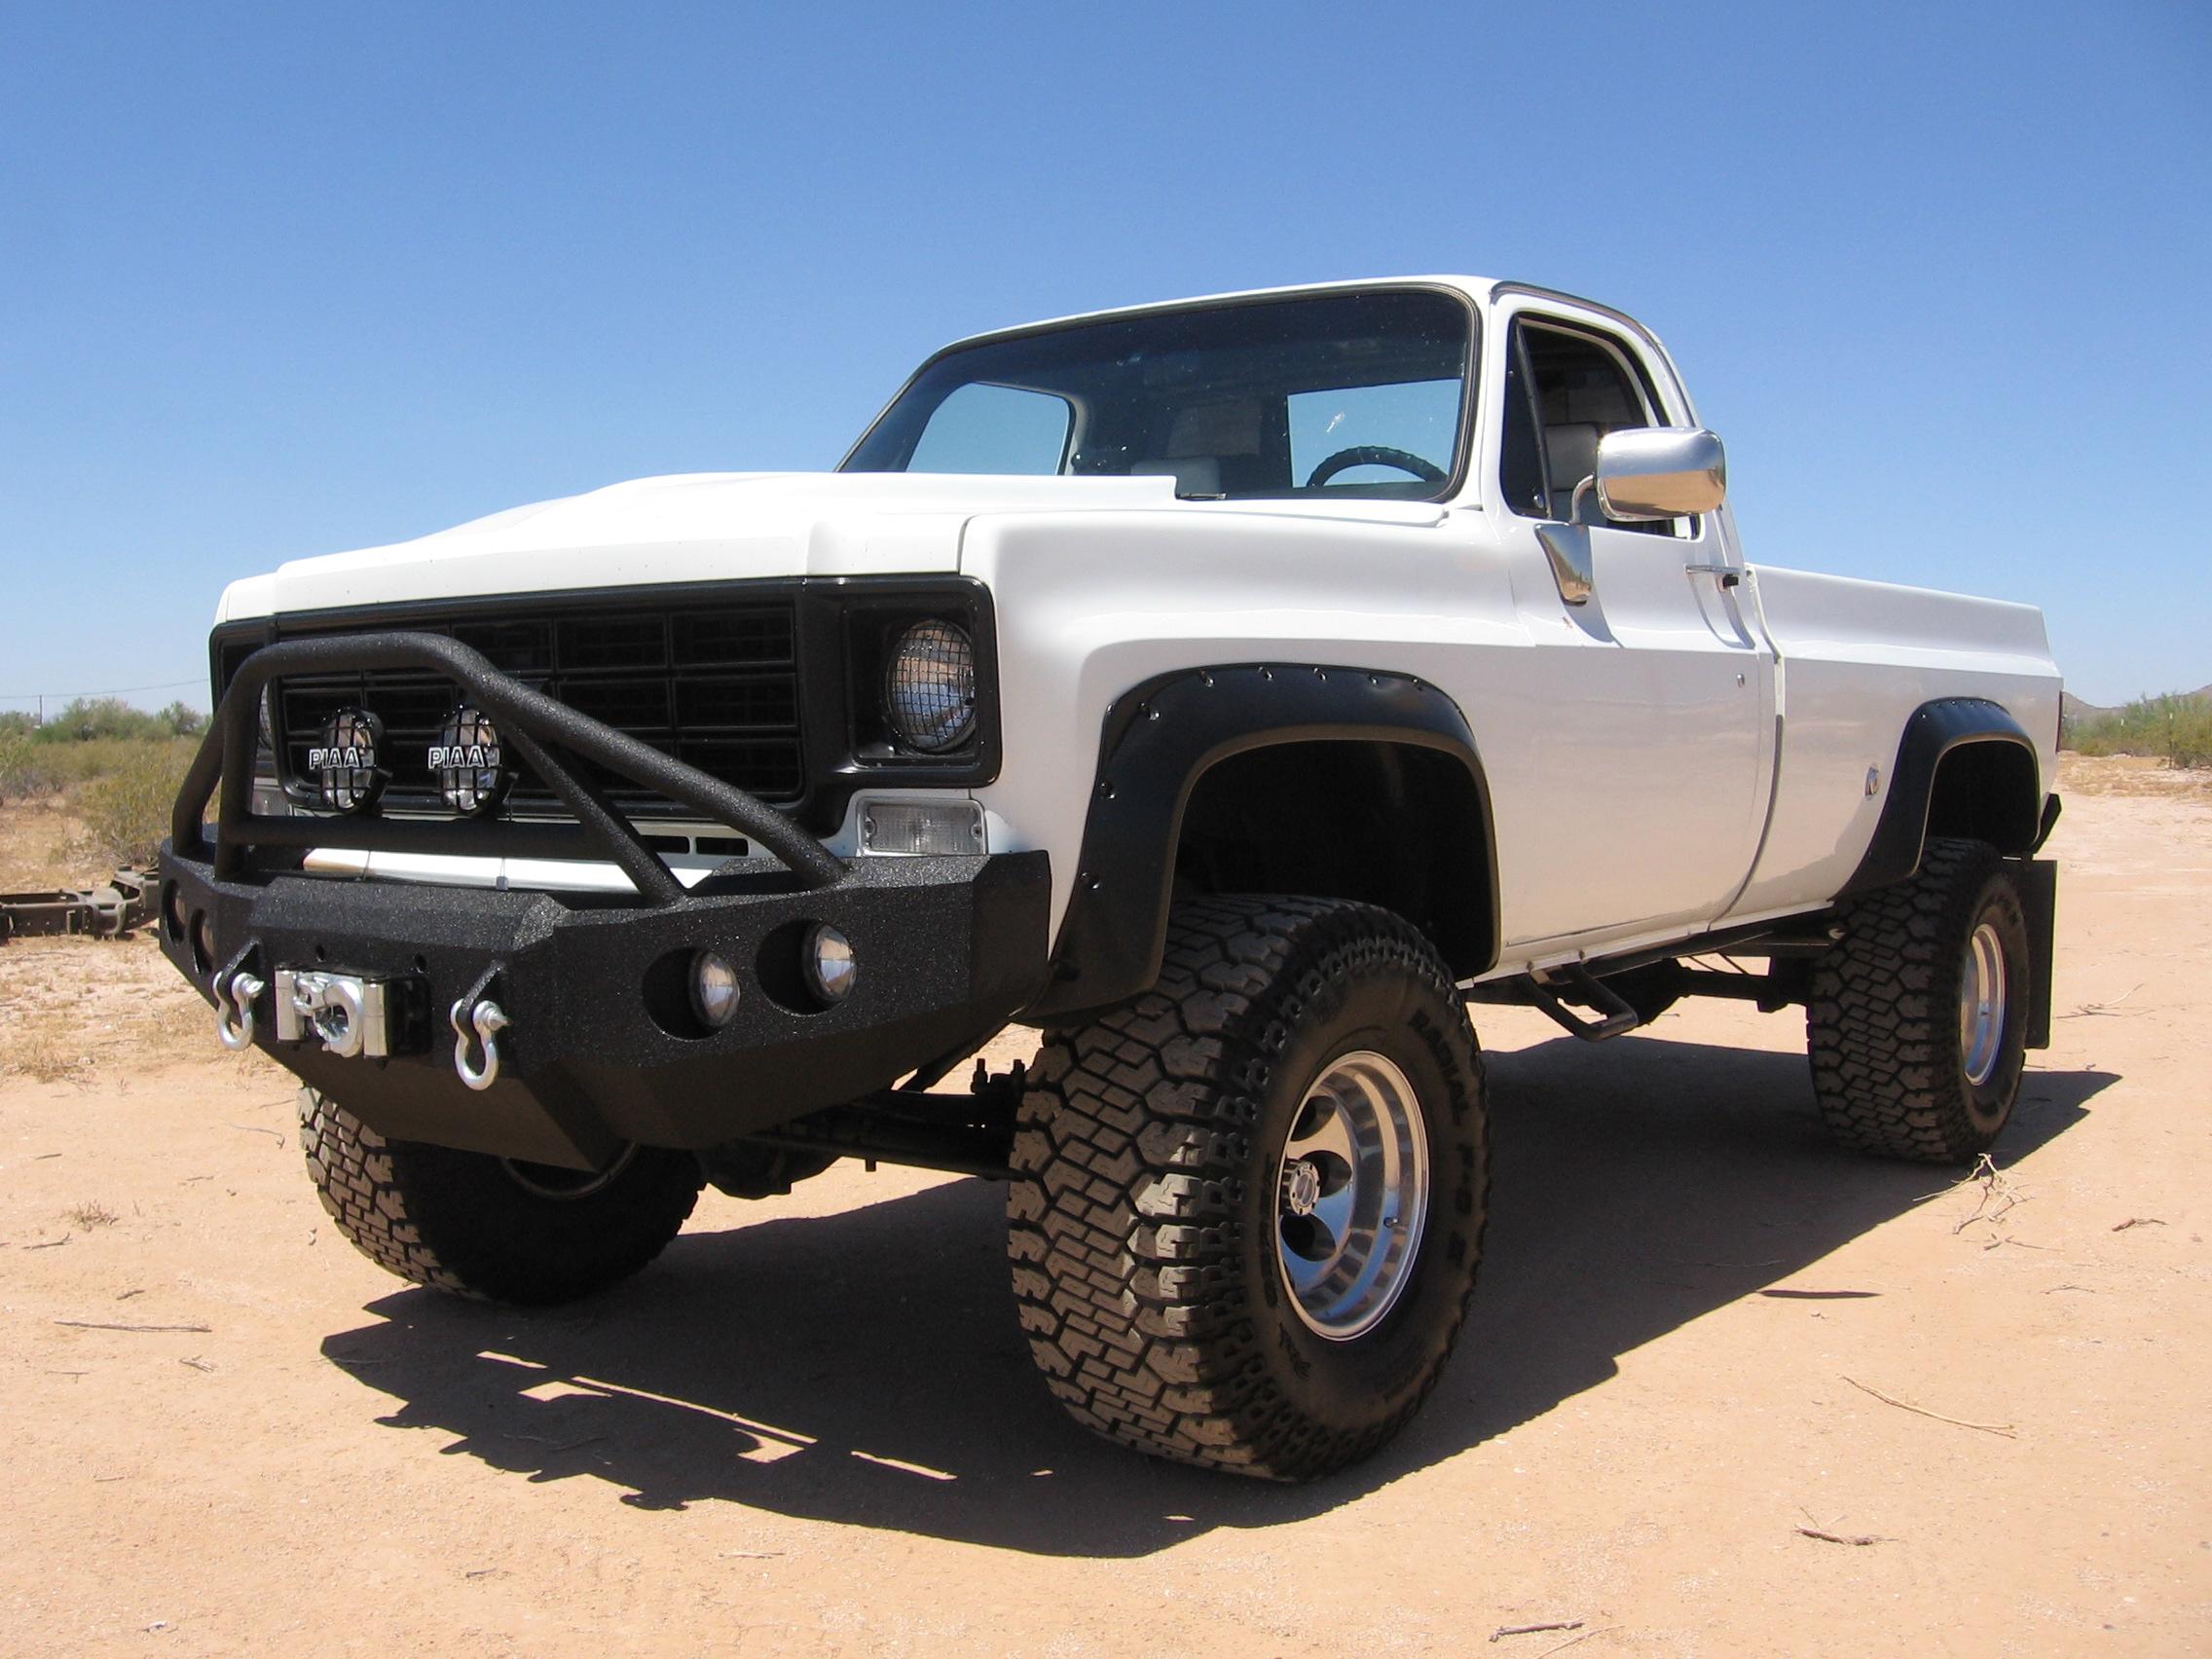 73-80 chevy 4x4